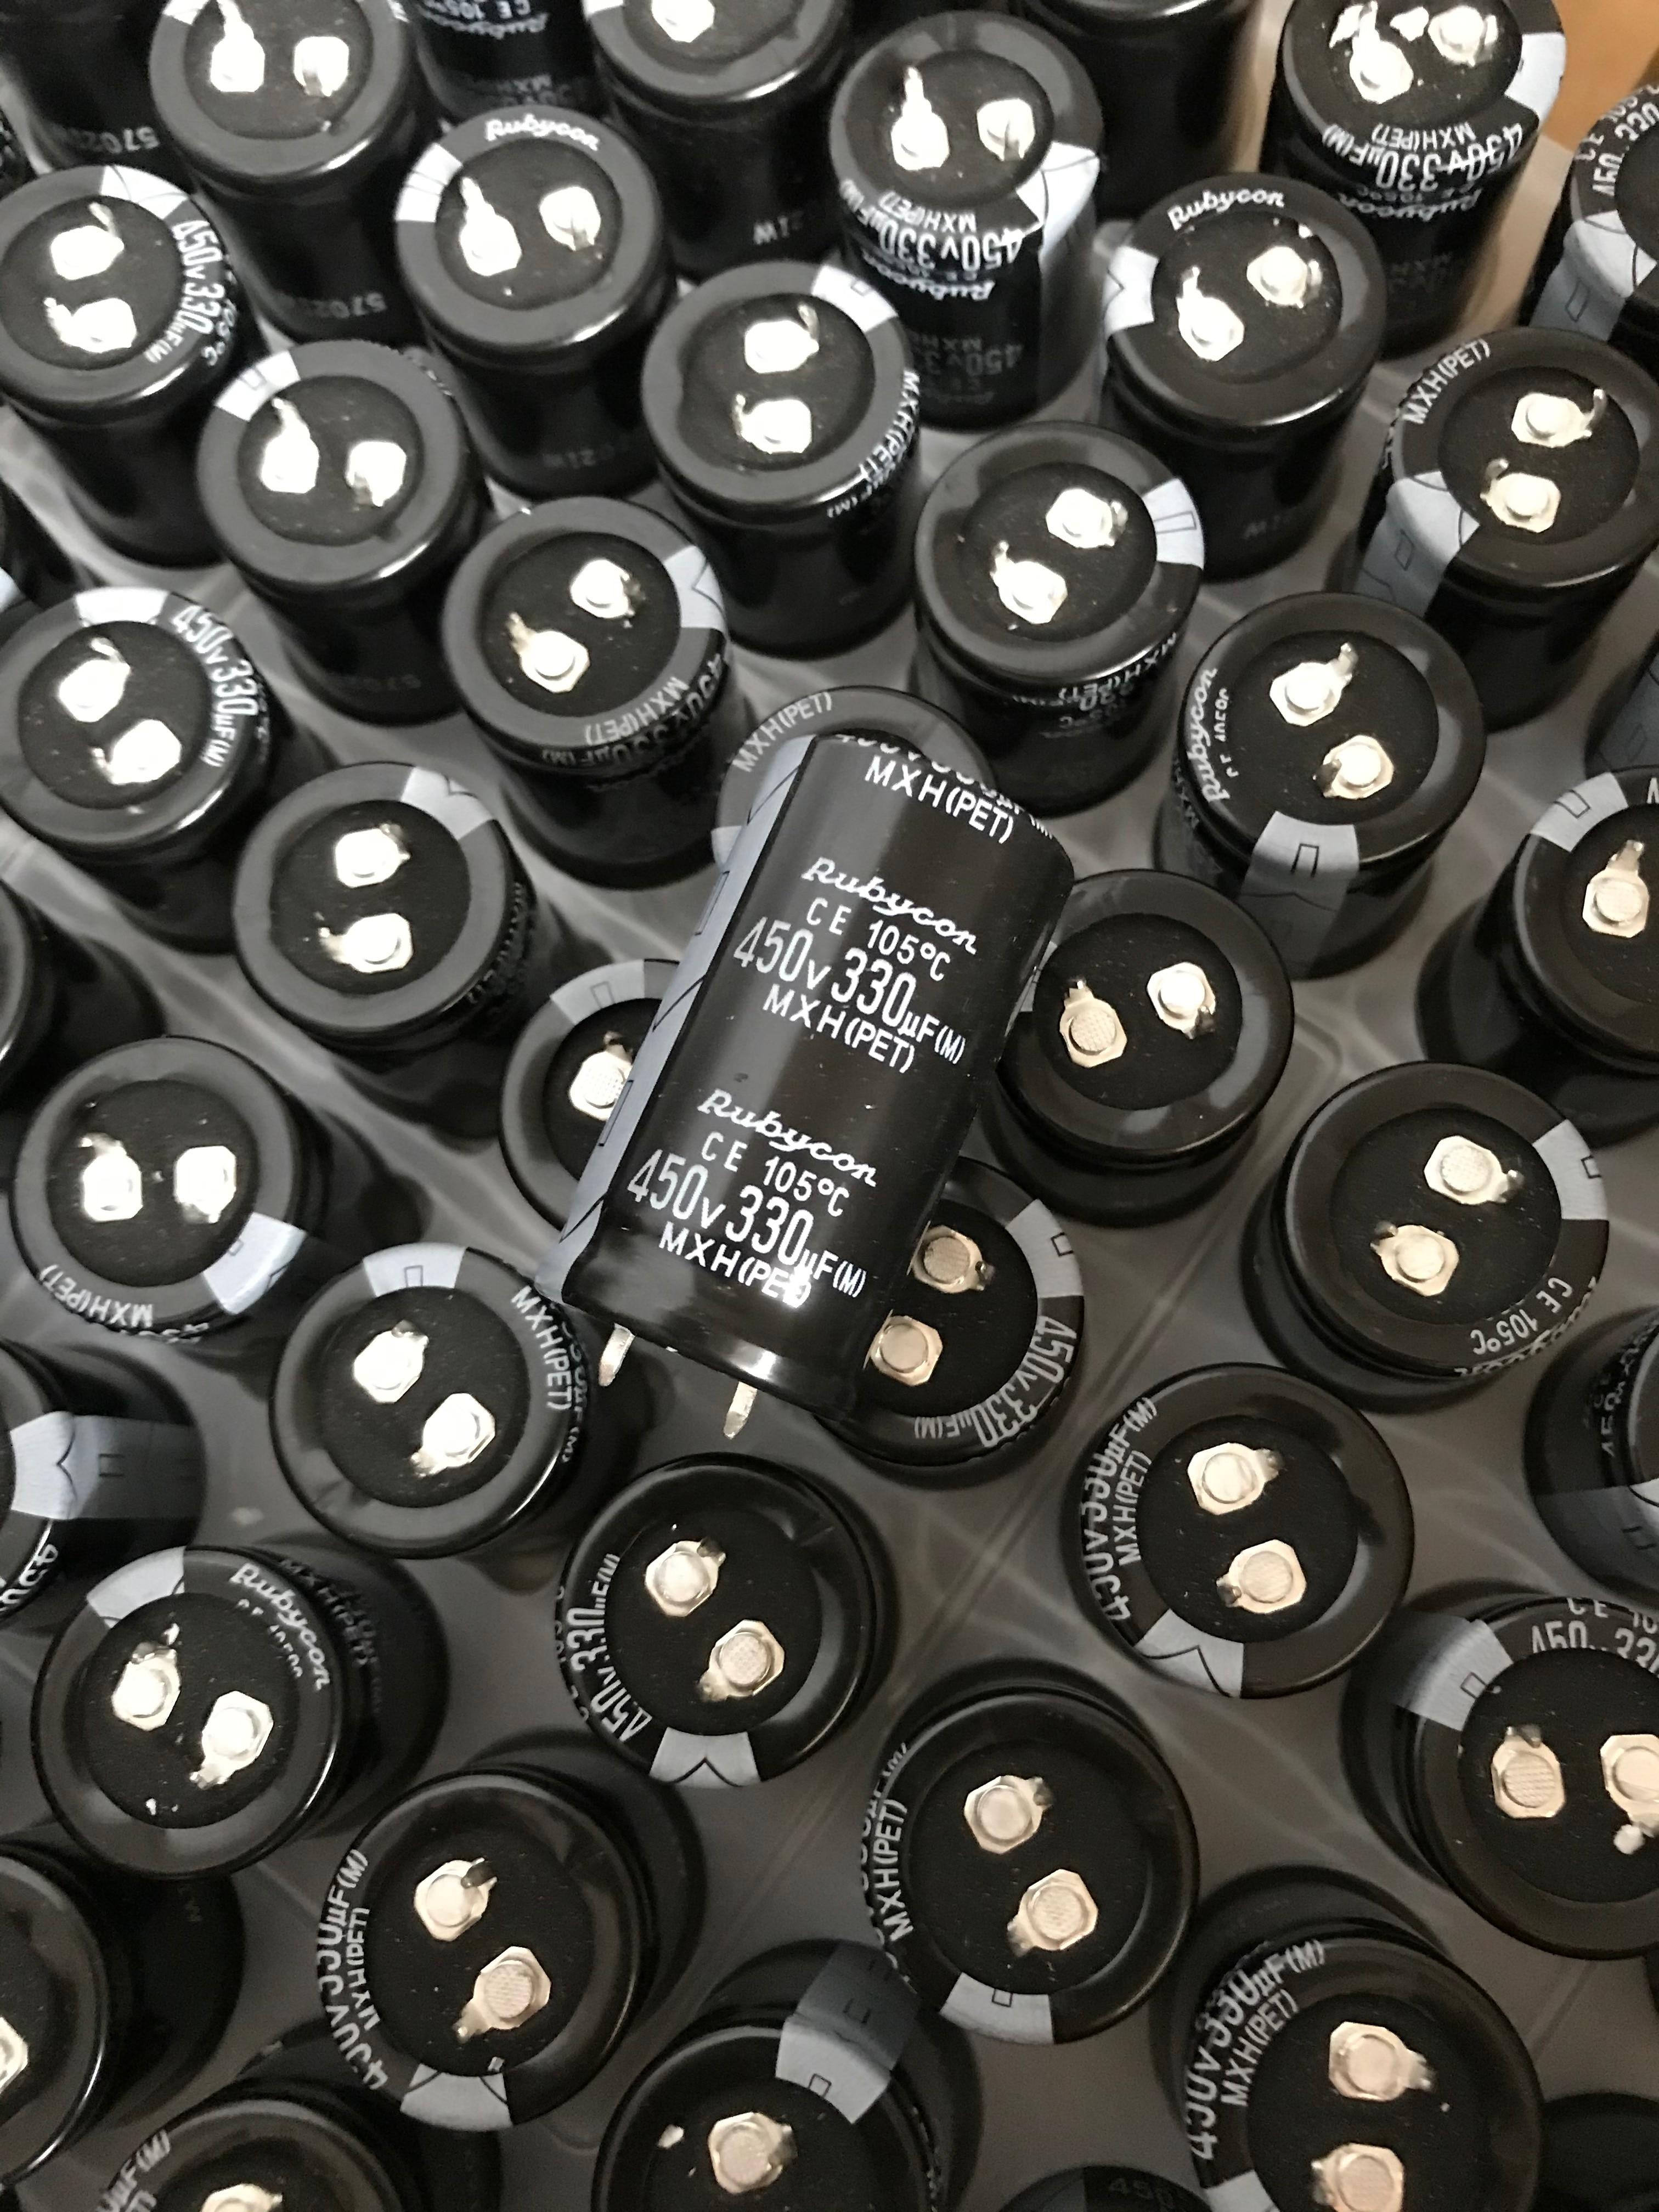 1 шт./2 шт. японский Рубин RUBYCON 450v330uf MXH 25x45 мм алюминиевый электролитический конденсатор Odroid real 330 мкФ 450 в|Подвесные лампочки|   | АлиЭкспресс